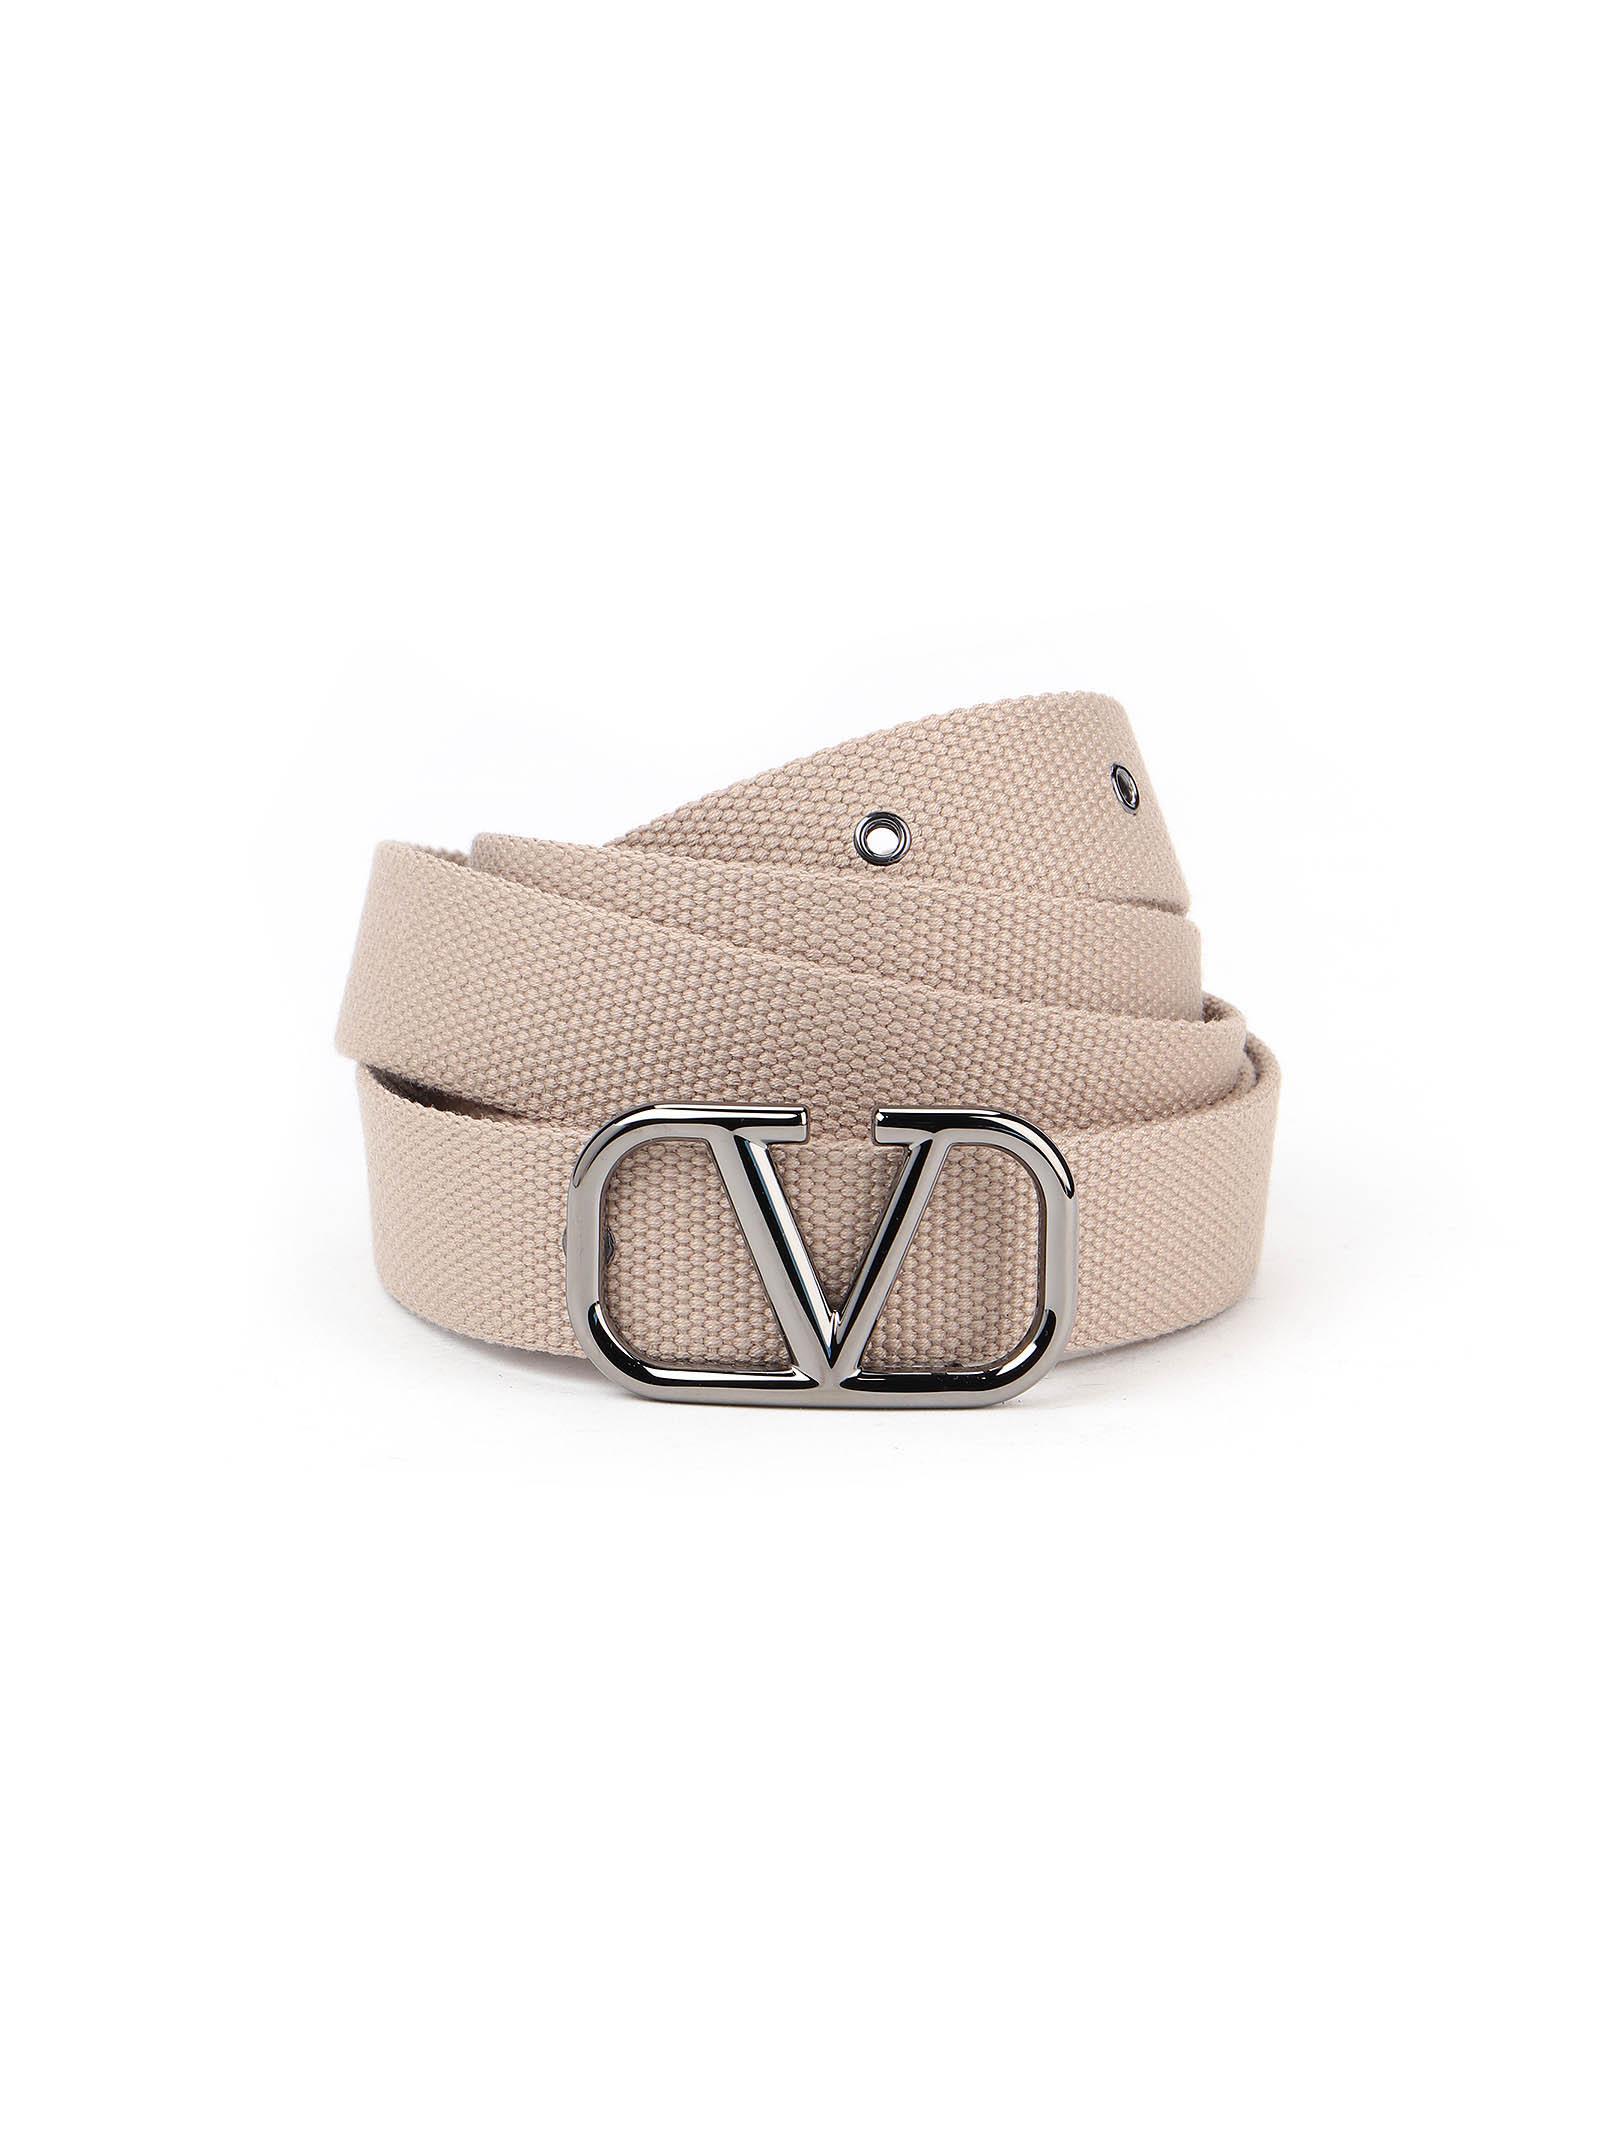 Picture of Valentino Garavani | Vlogo Buckle Belt H.30